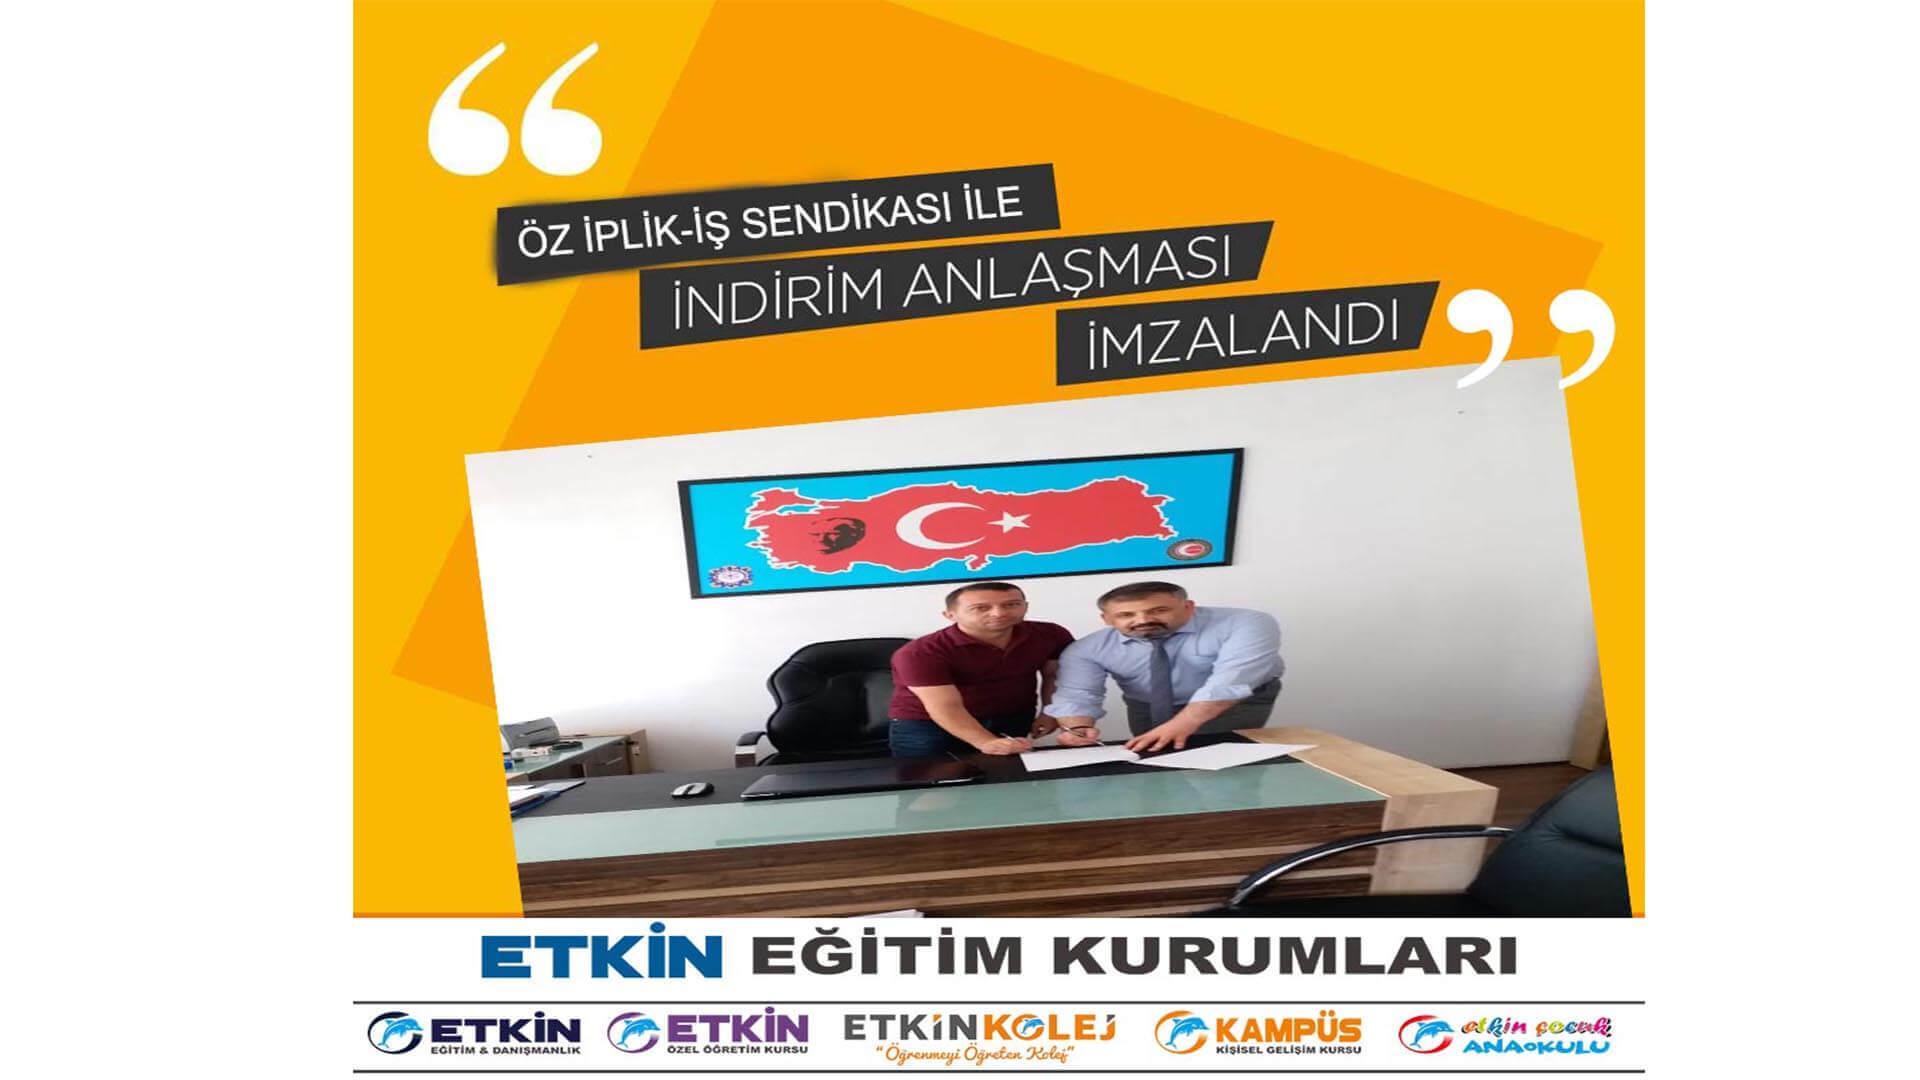 Etkin Kolej | TÜRKİYE ÖZ İPLİK-İŞ SENDİKASI İLE İNDİRİM ANLAŞMASI İMZALANDI.